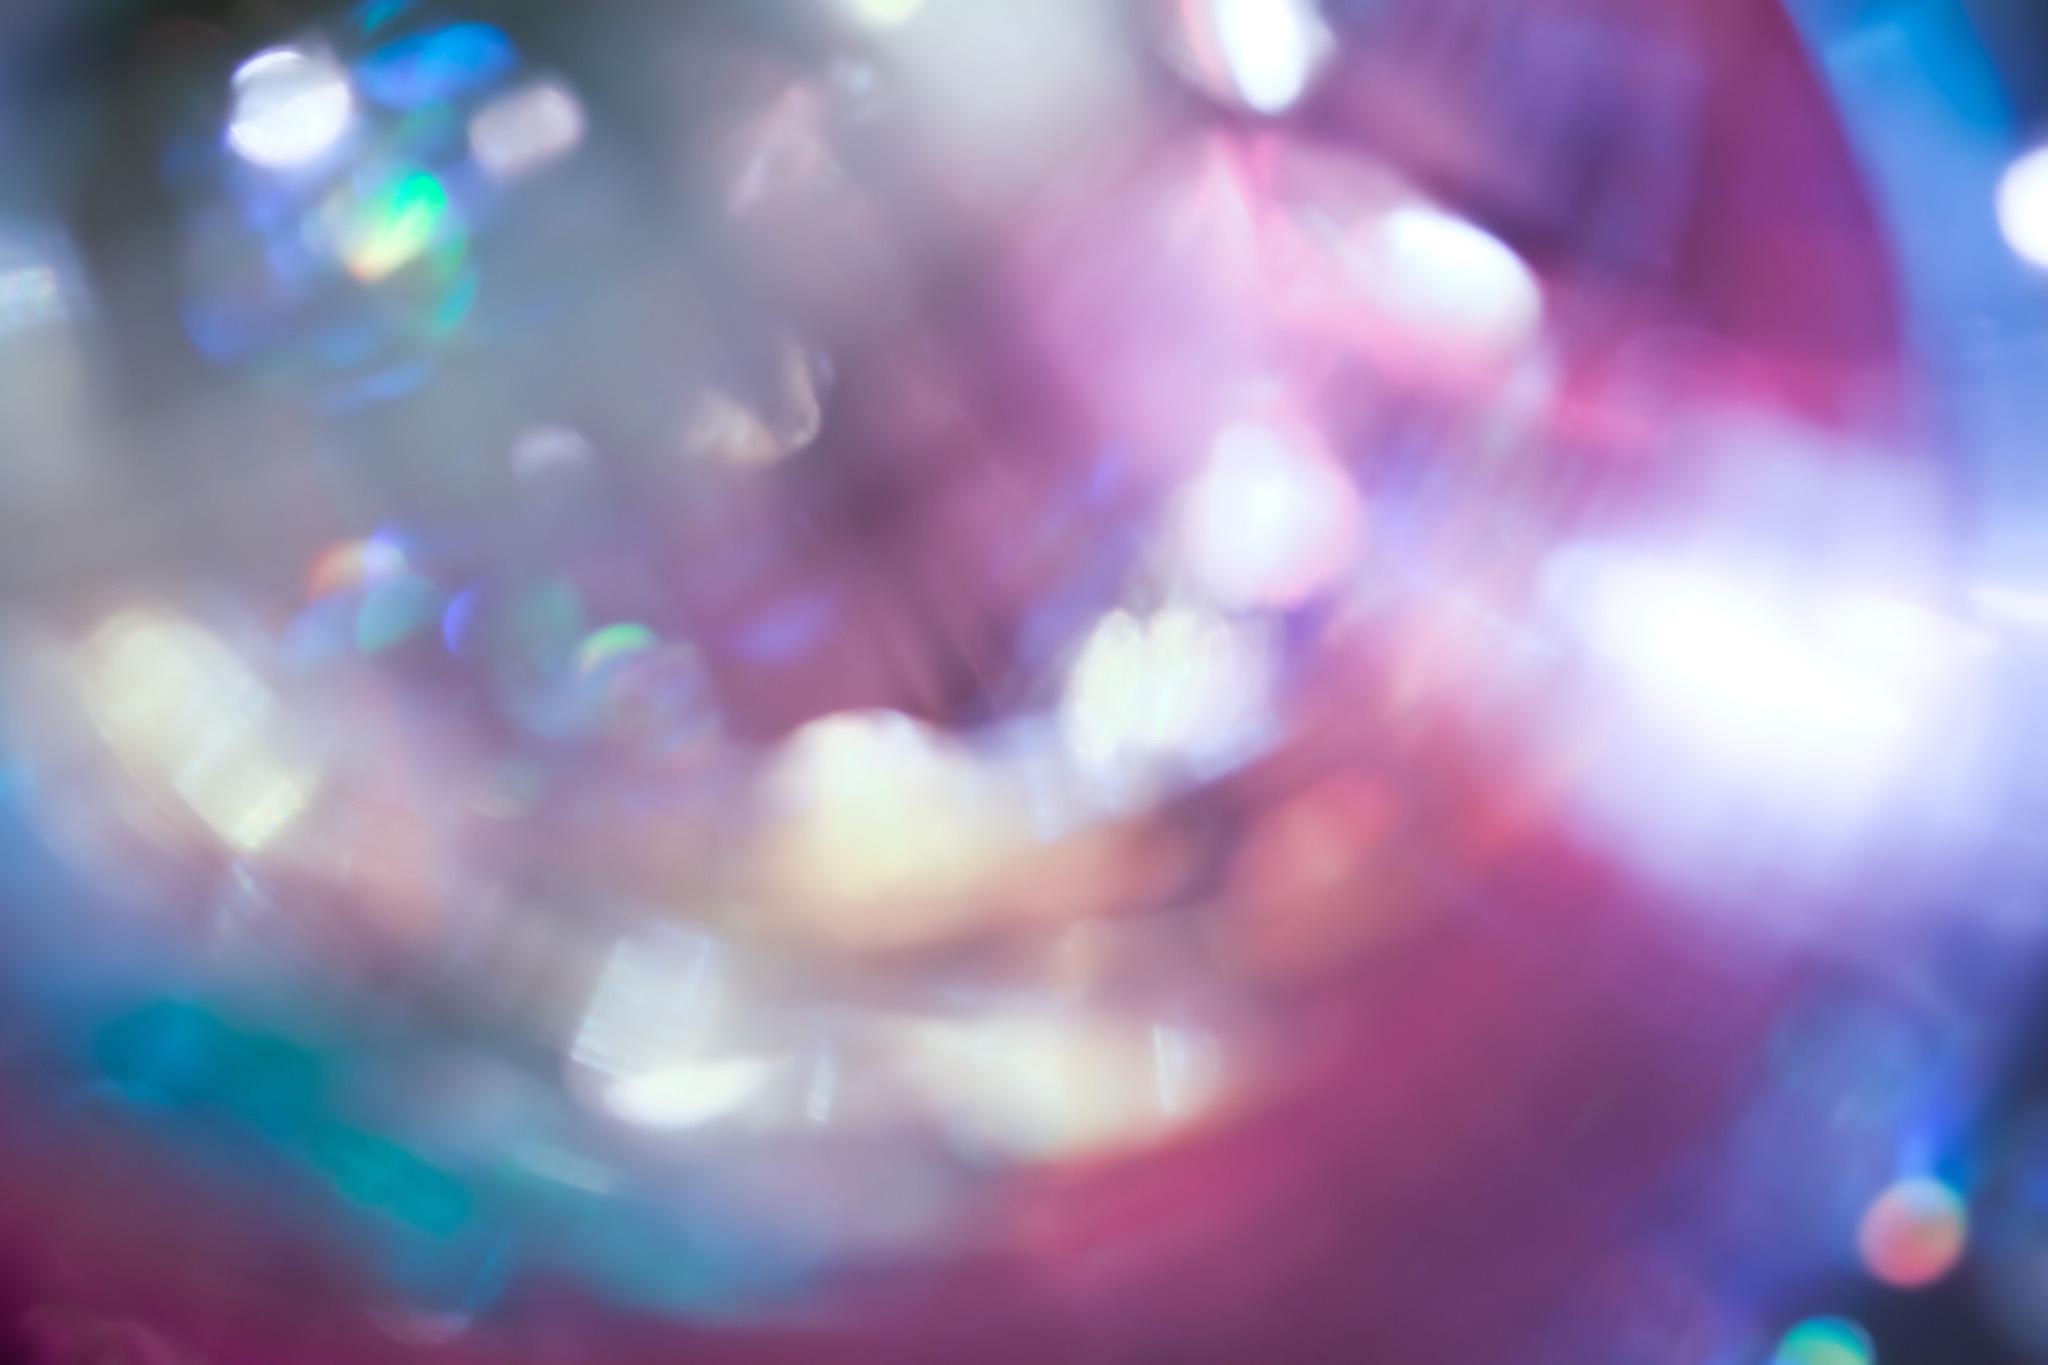 「カラフルな光のボケ」